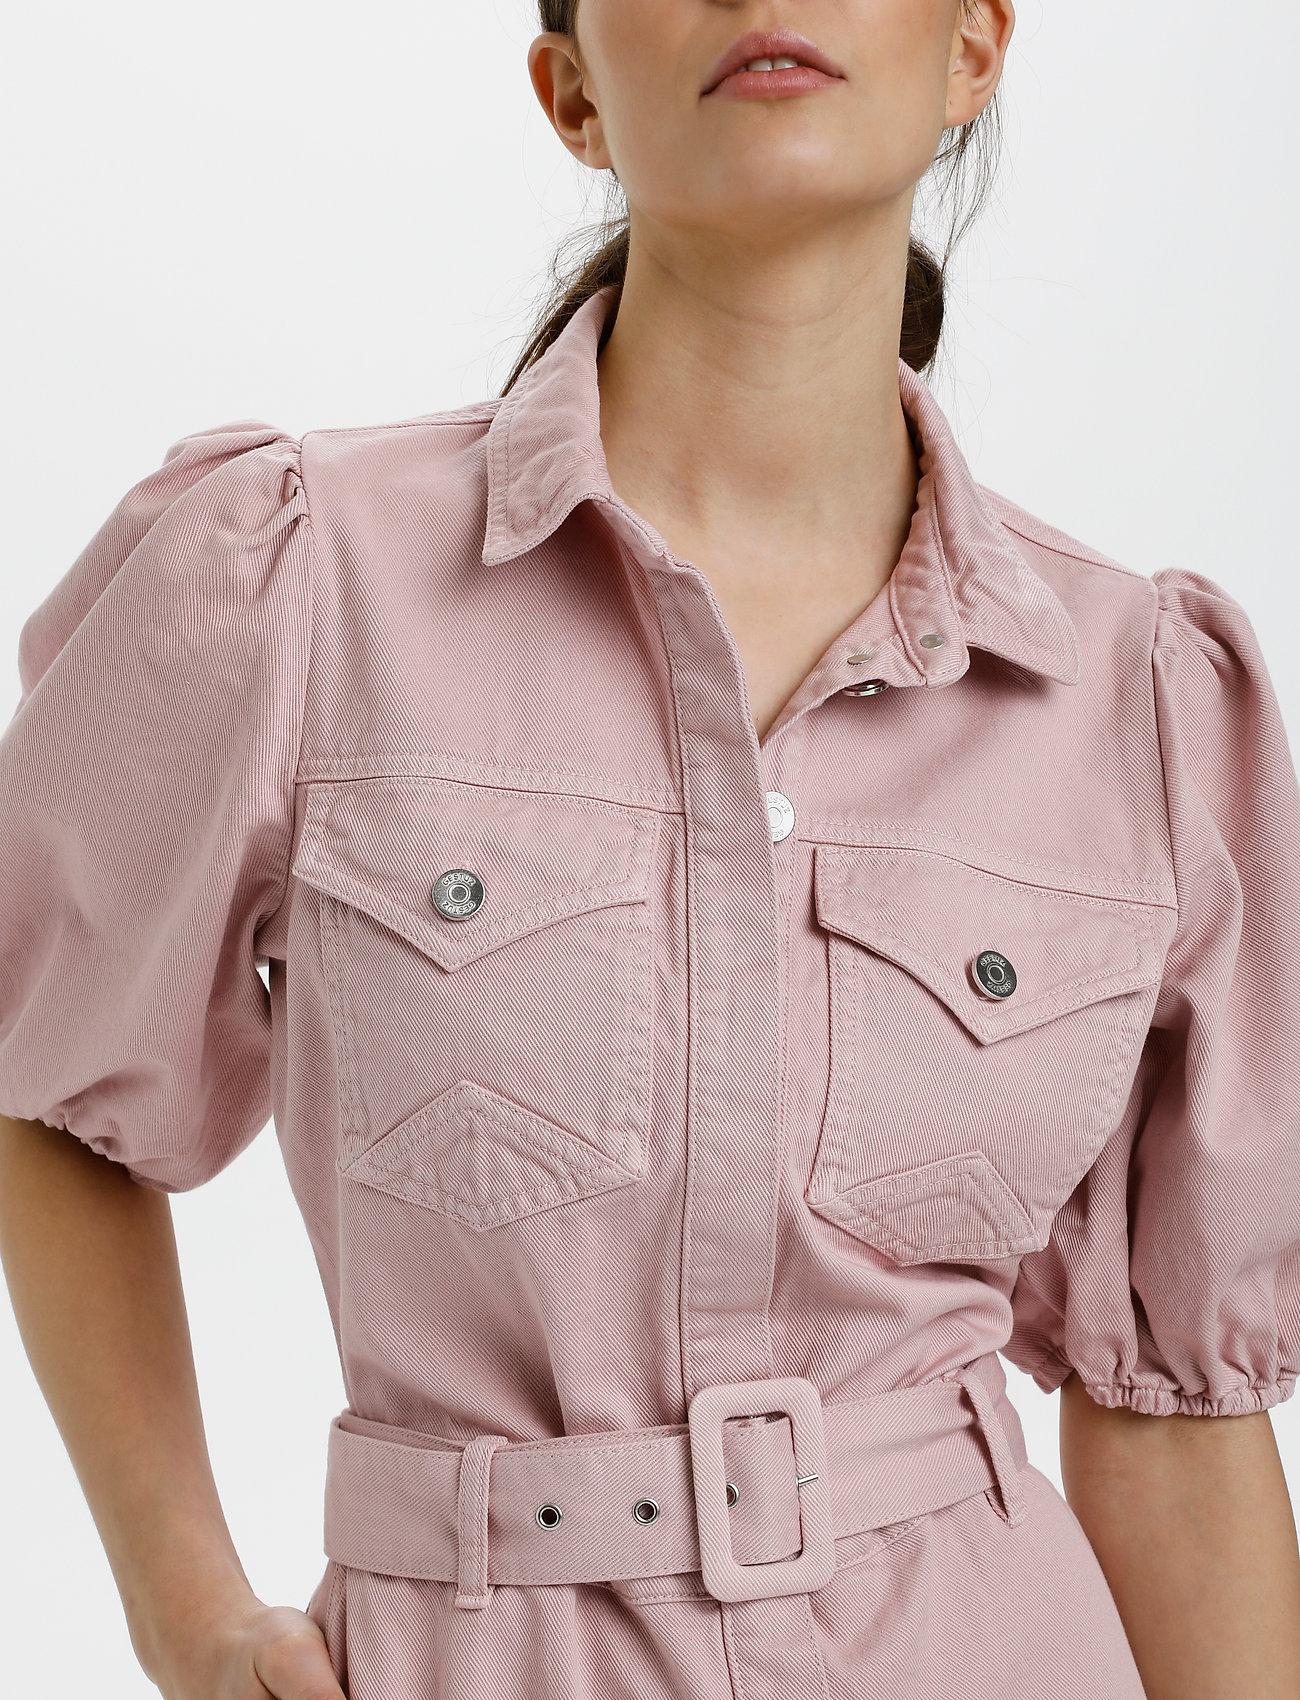 Gestuz - DilettoGZ jumpsuit - clothing - fragrant lilac - 4